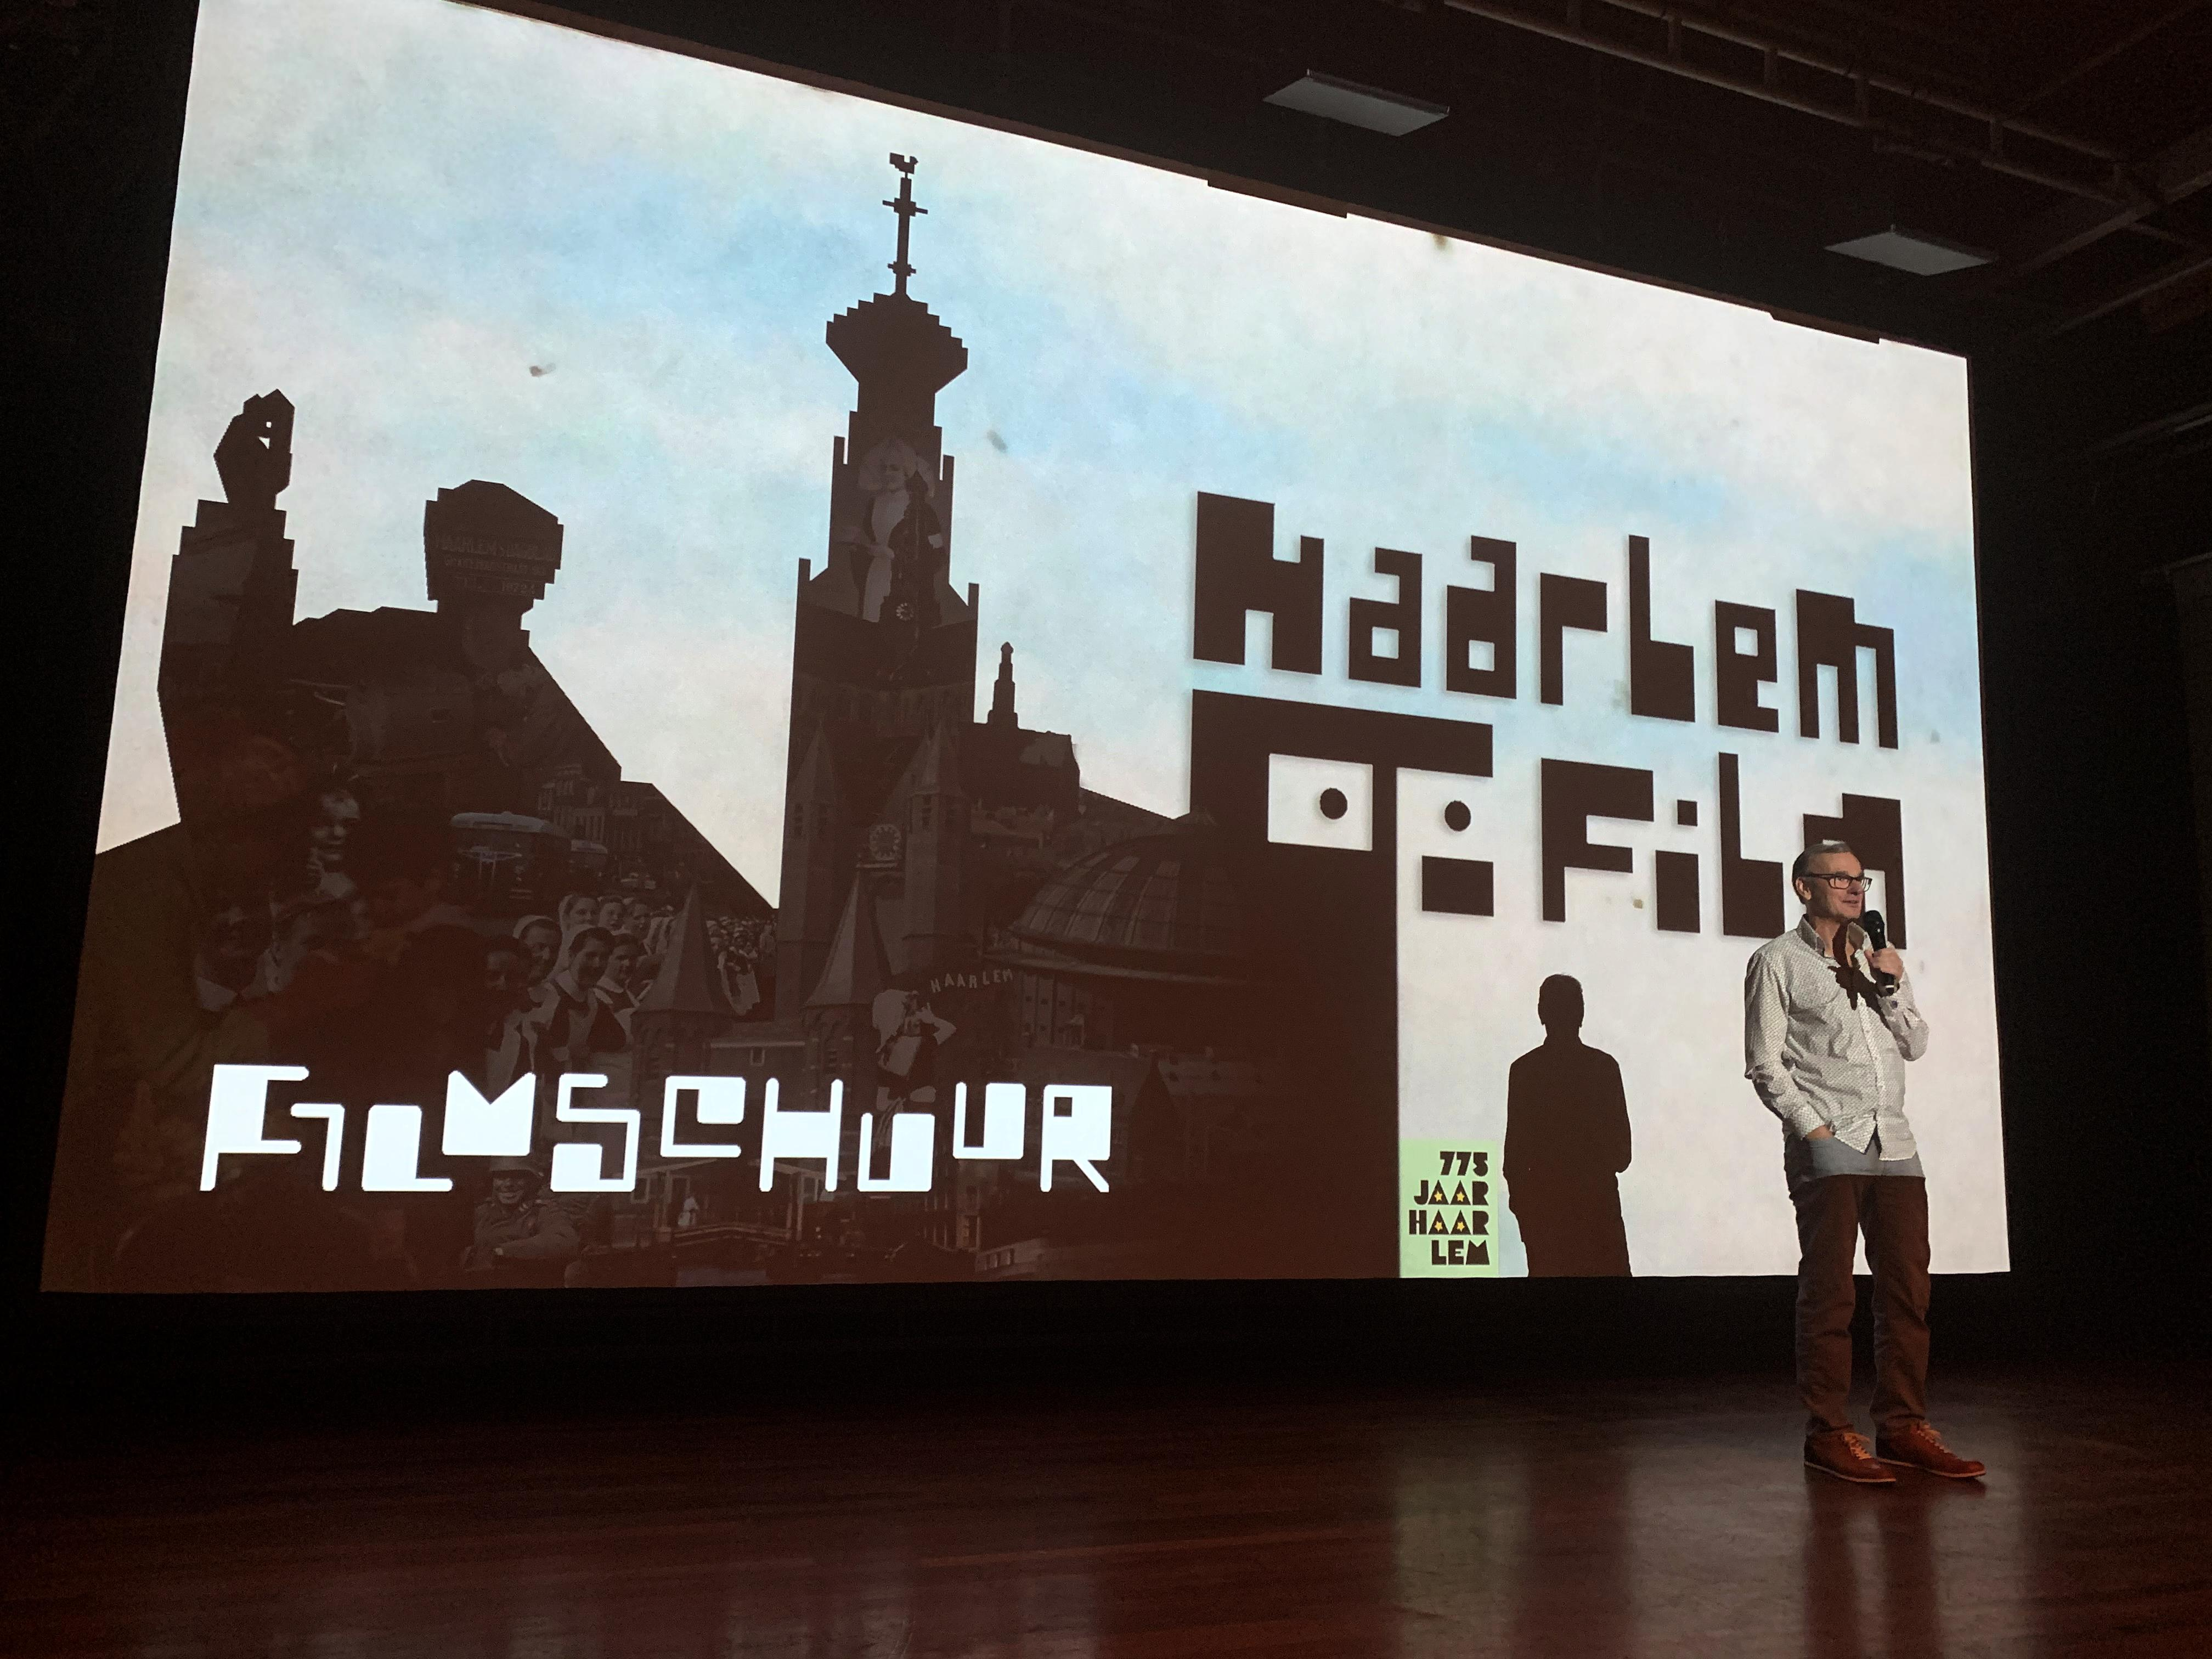 Haarlem op Film is soms confronterend, maar o zo herkenbaar